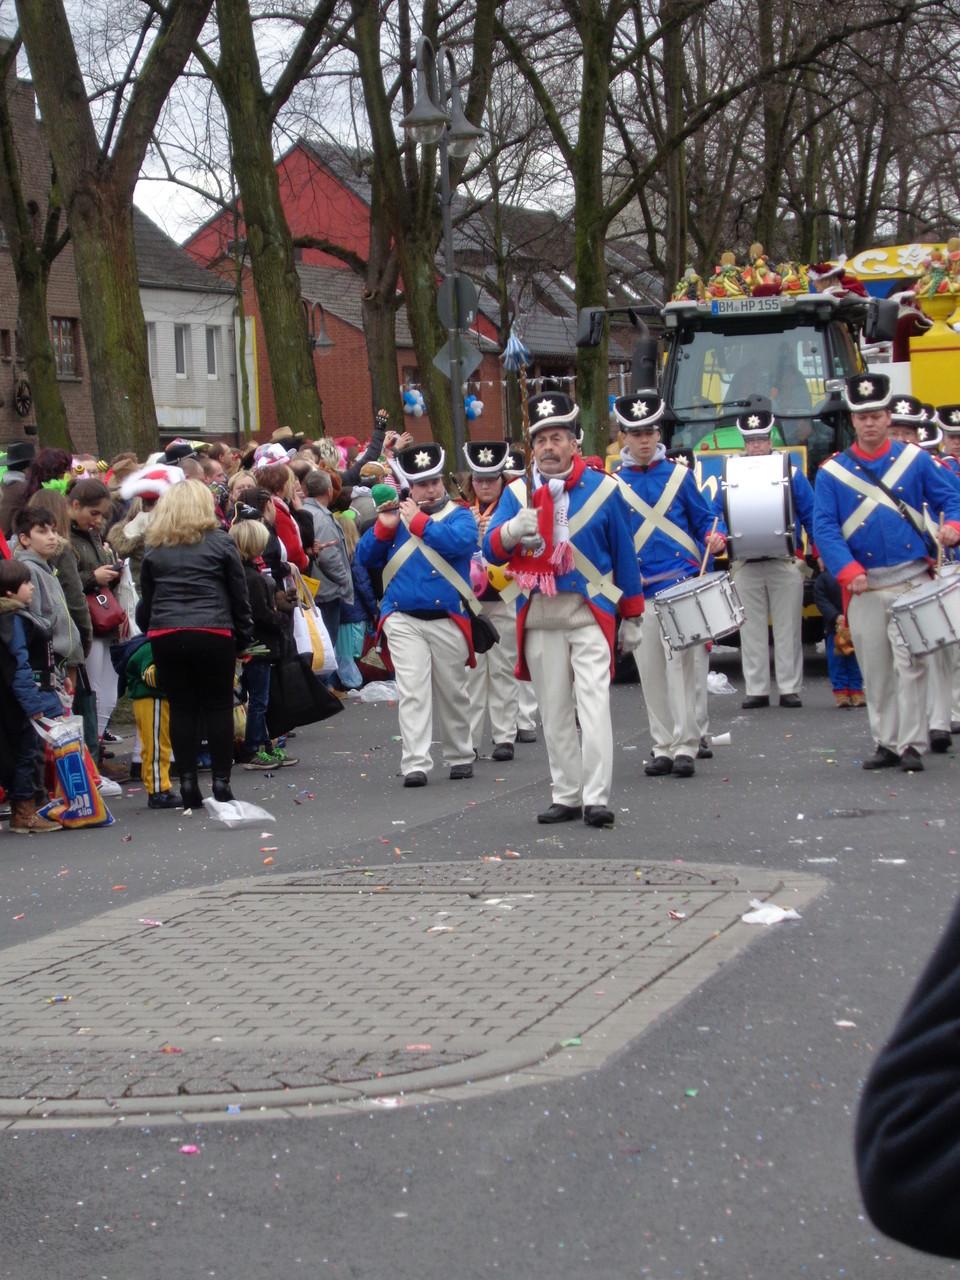 Karneval in Puhlheim